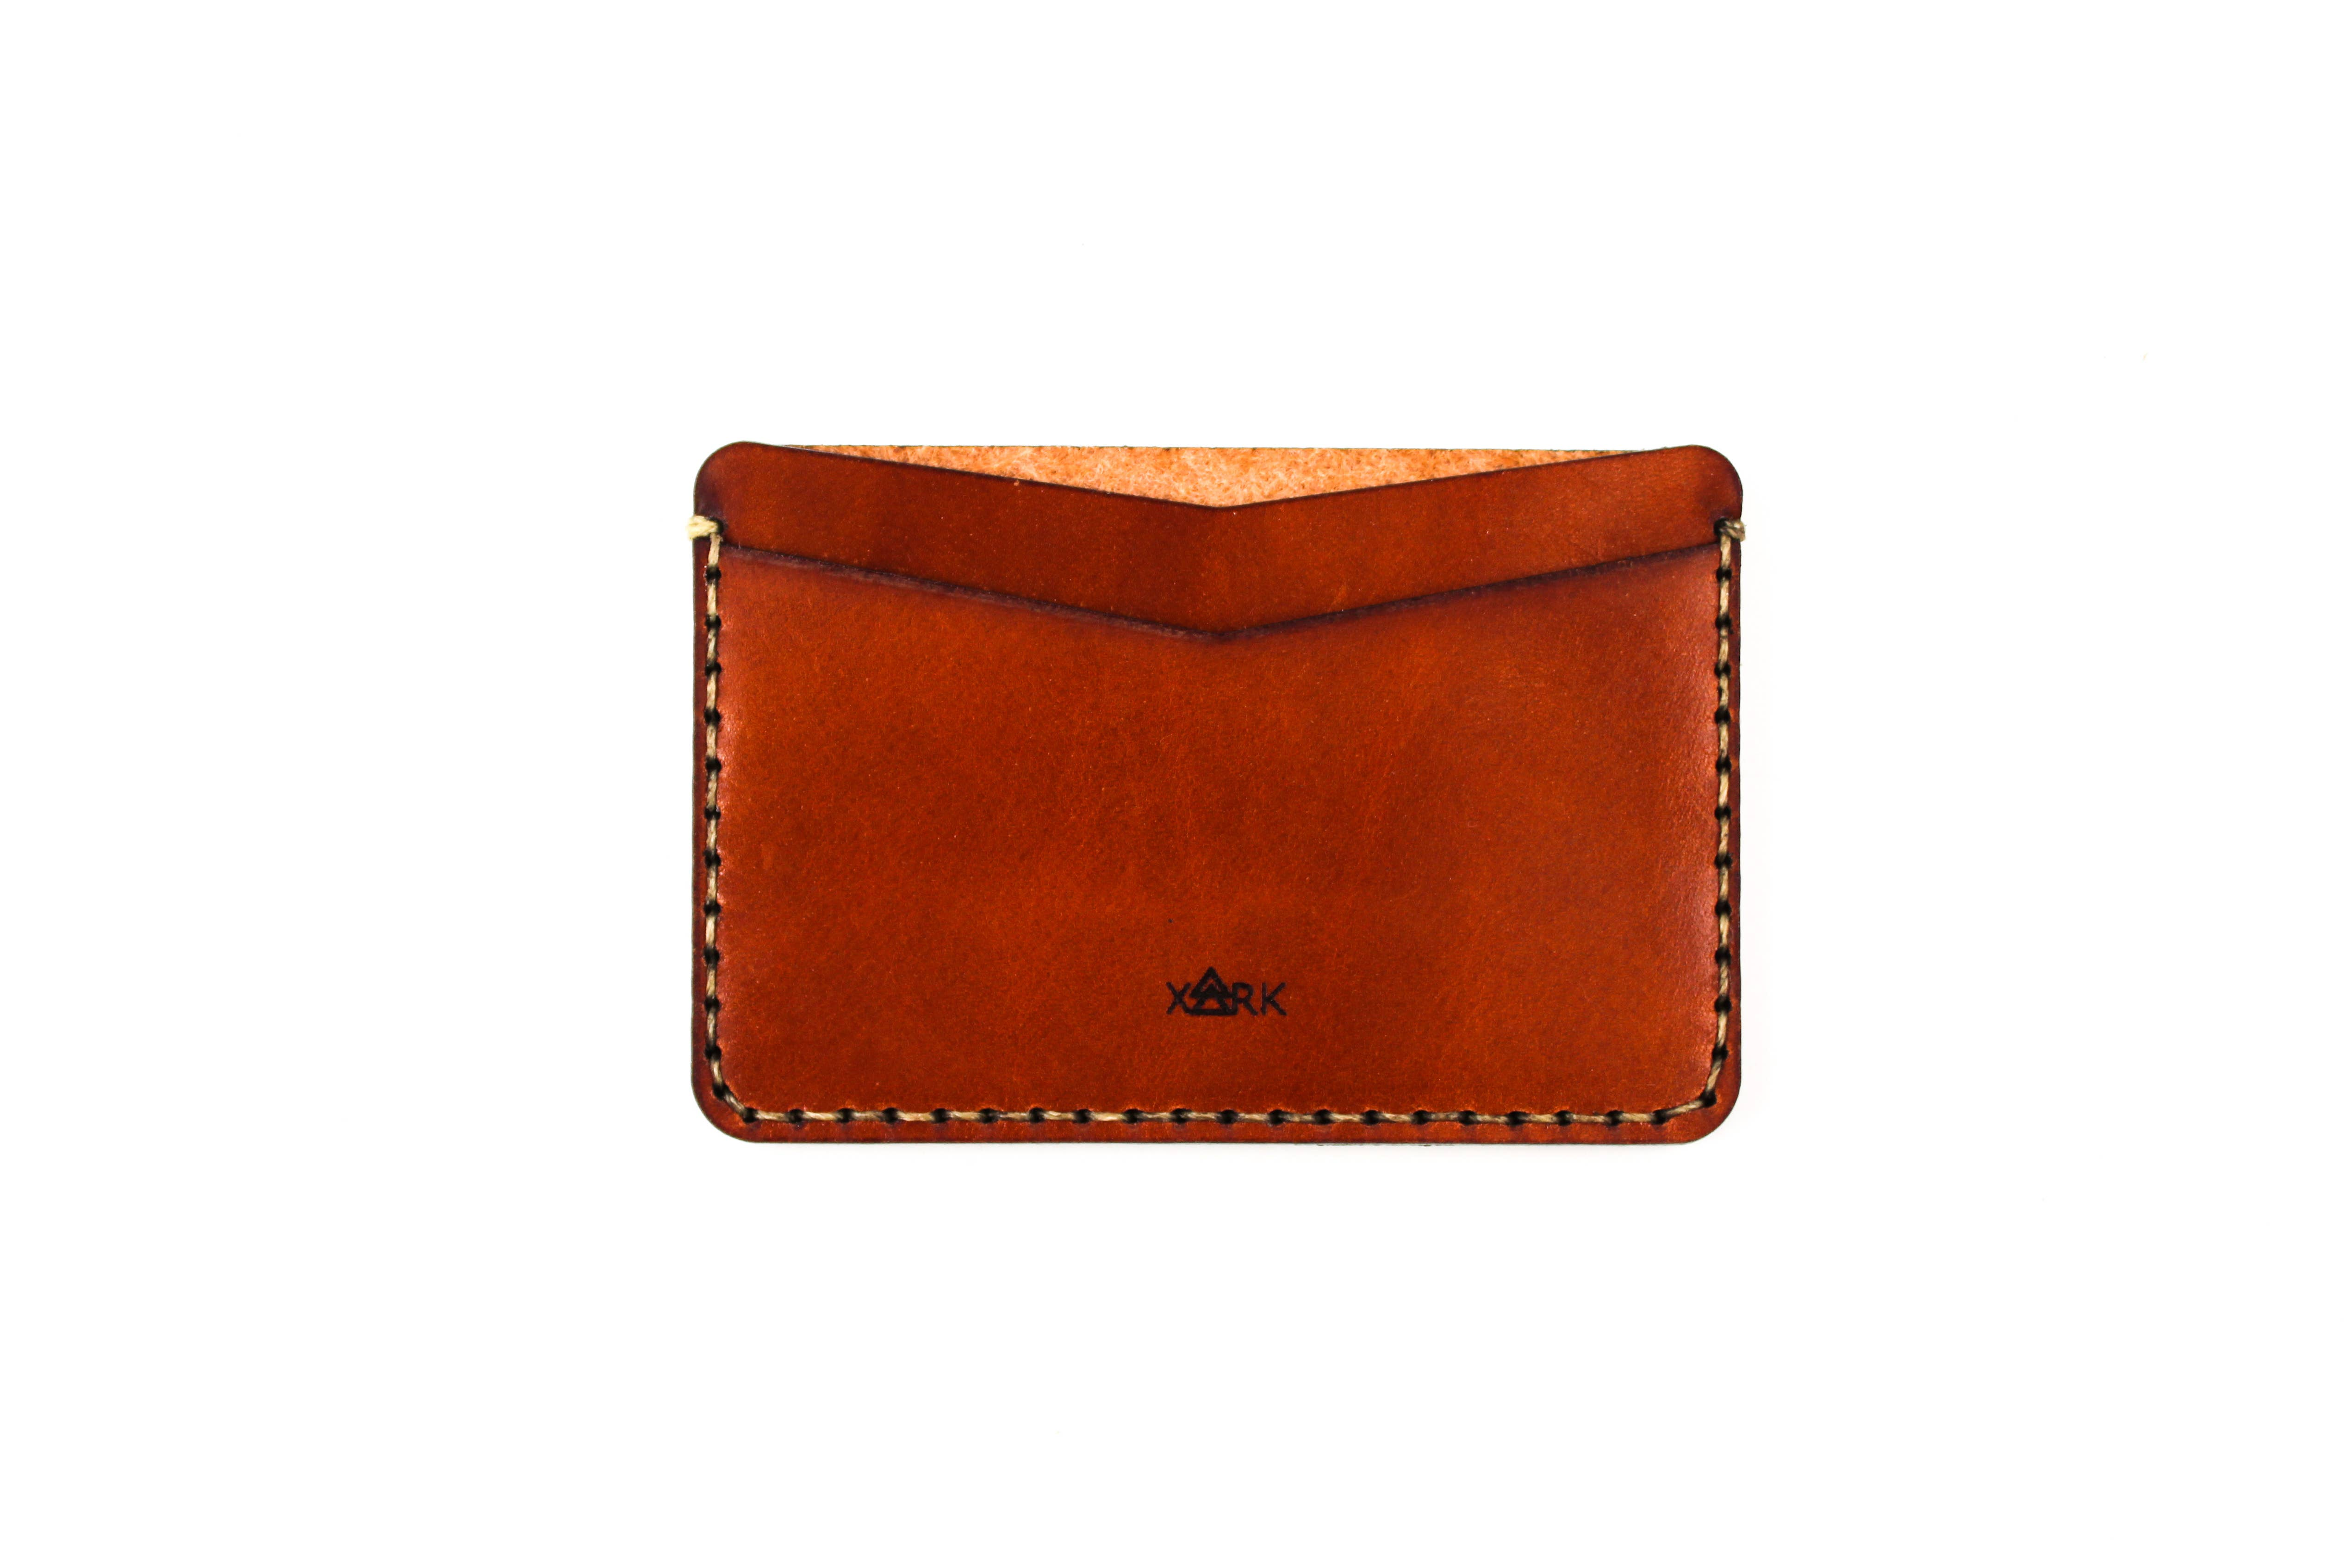 Hedgehog design Leather Mens Bi Fold Wallet BLACK or Brown wildlife Gift